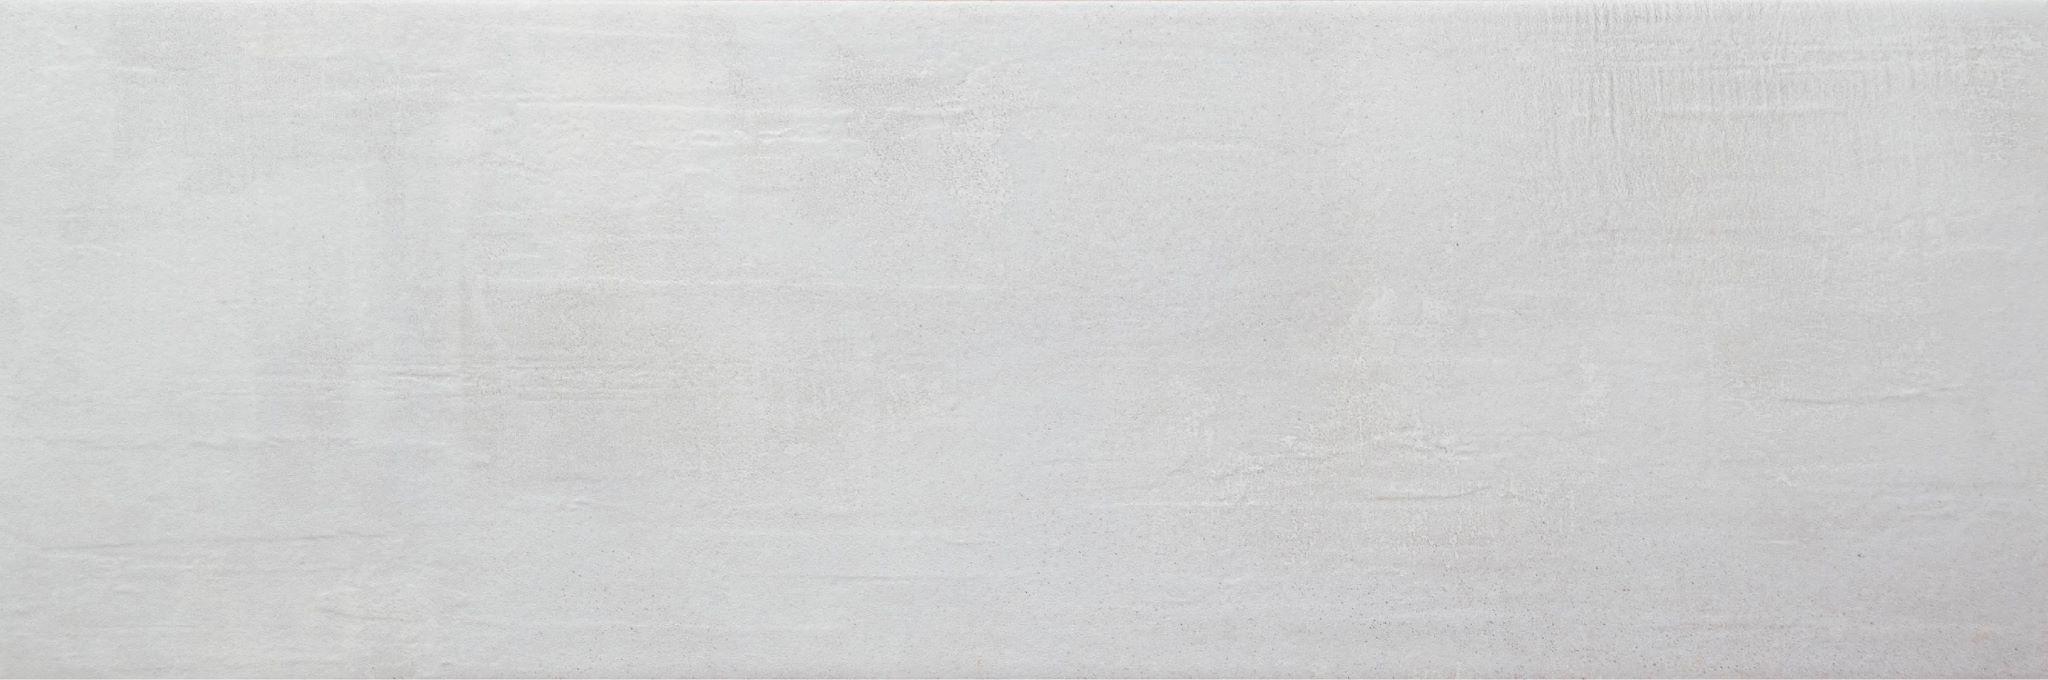 JÄÄK Casale pearl 146202 20x60x0,95 - Hansas Plaadimaailm